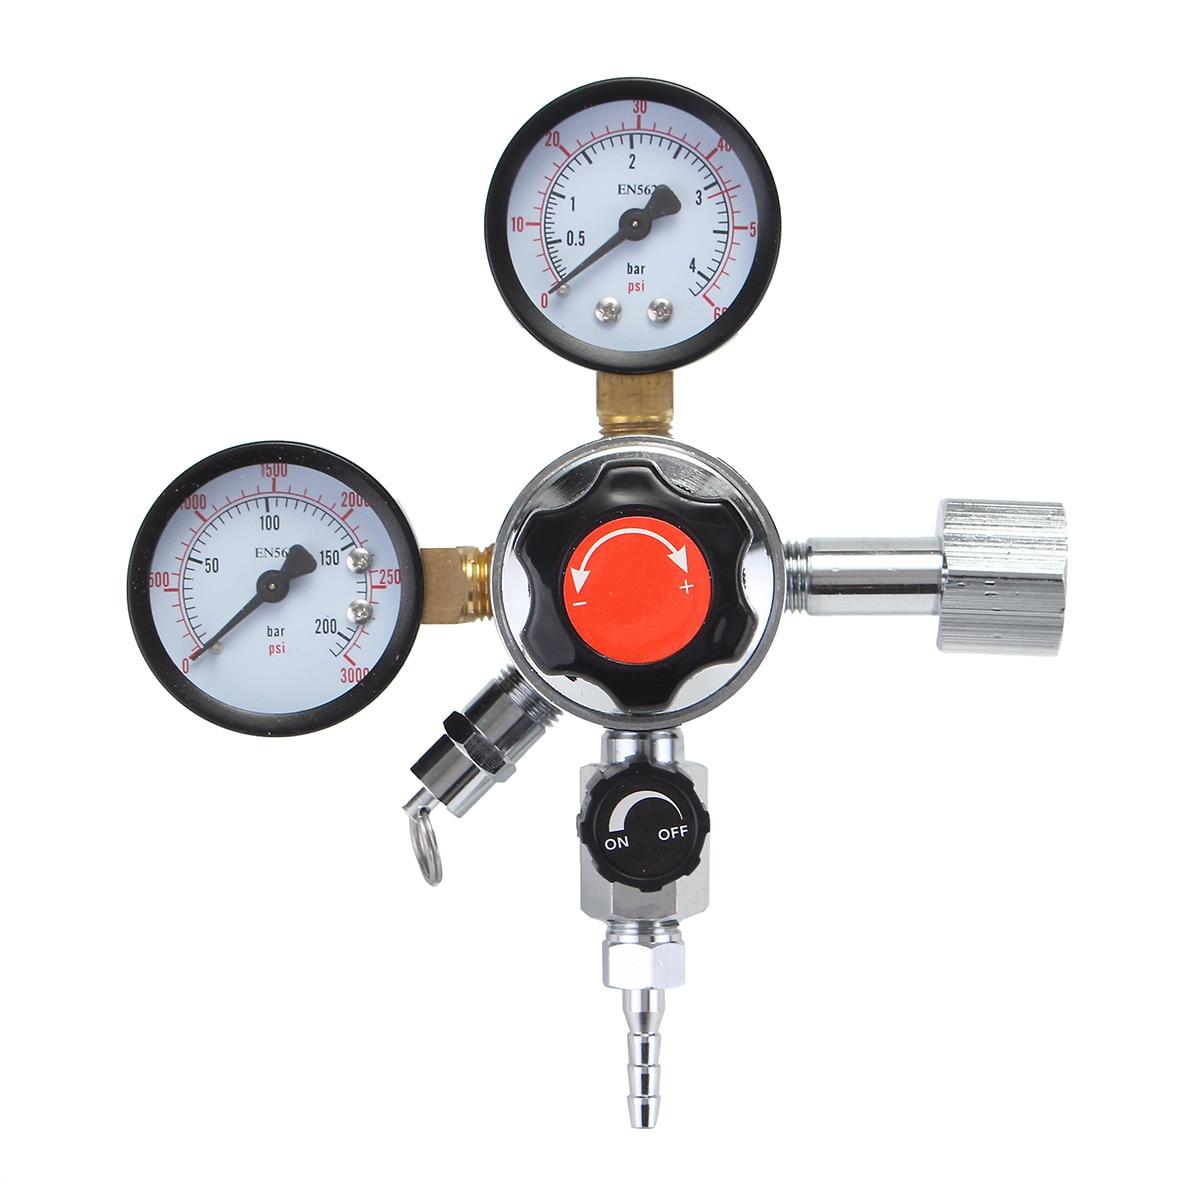 Dual/Triple Gauge CO2 System Regulator Pressure Reducer Flow Meter Valve For Carbon Dioxide Draft Beer / Homebrew 3/16'' 5/16'' original heating carbon dioxide pressure reducer ytco2112